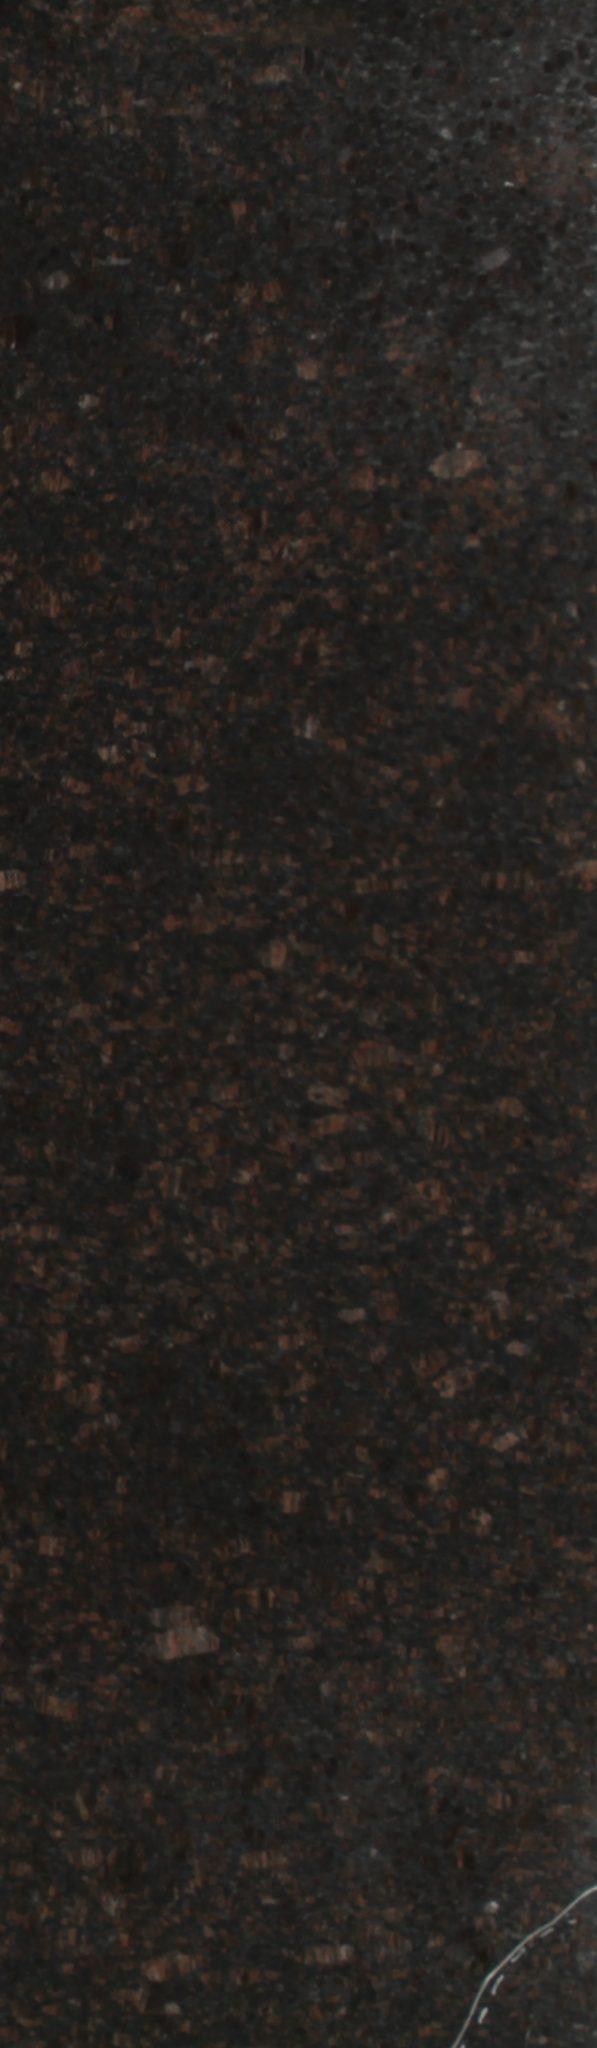 Image for Granite 2186-1: Tan Brown